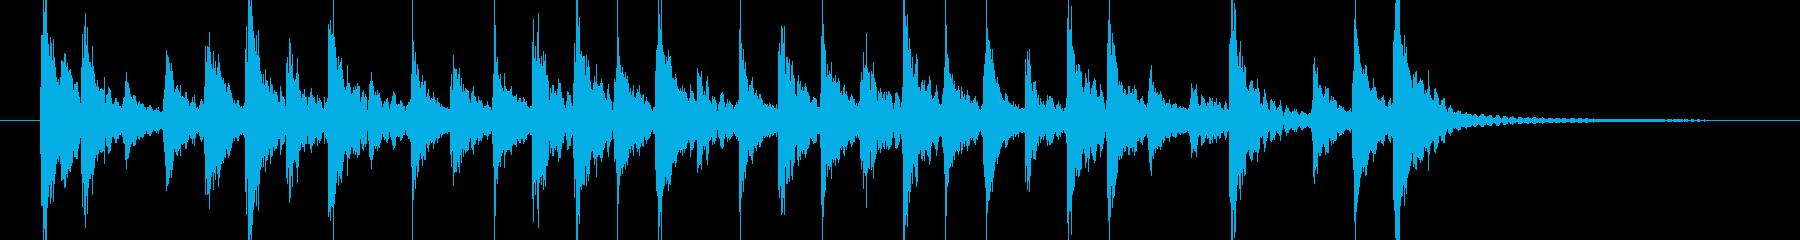 軽い転換や入場 和風三味線太鼓の再生済みの波形